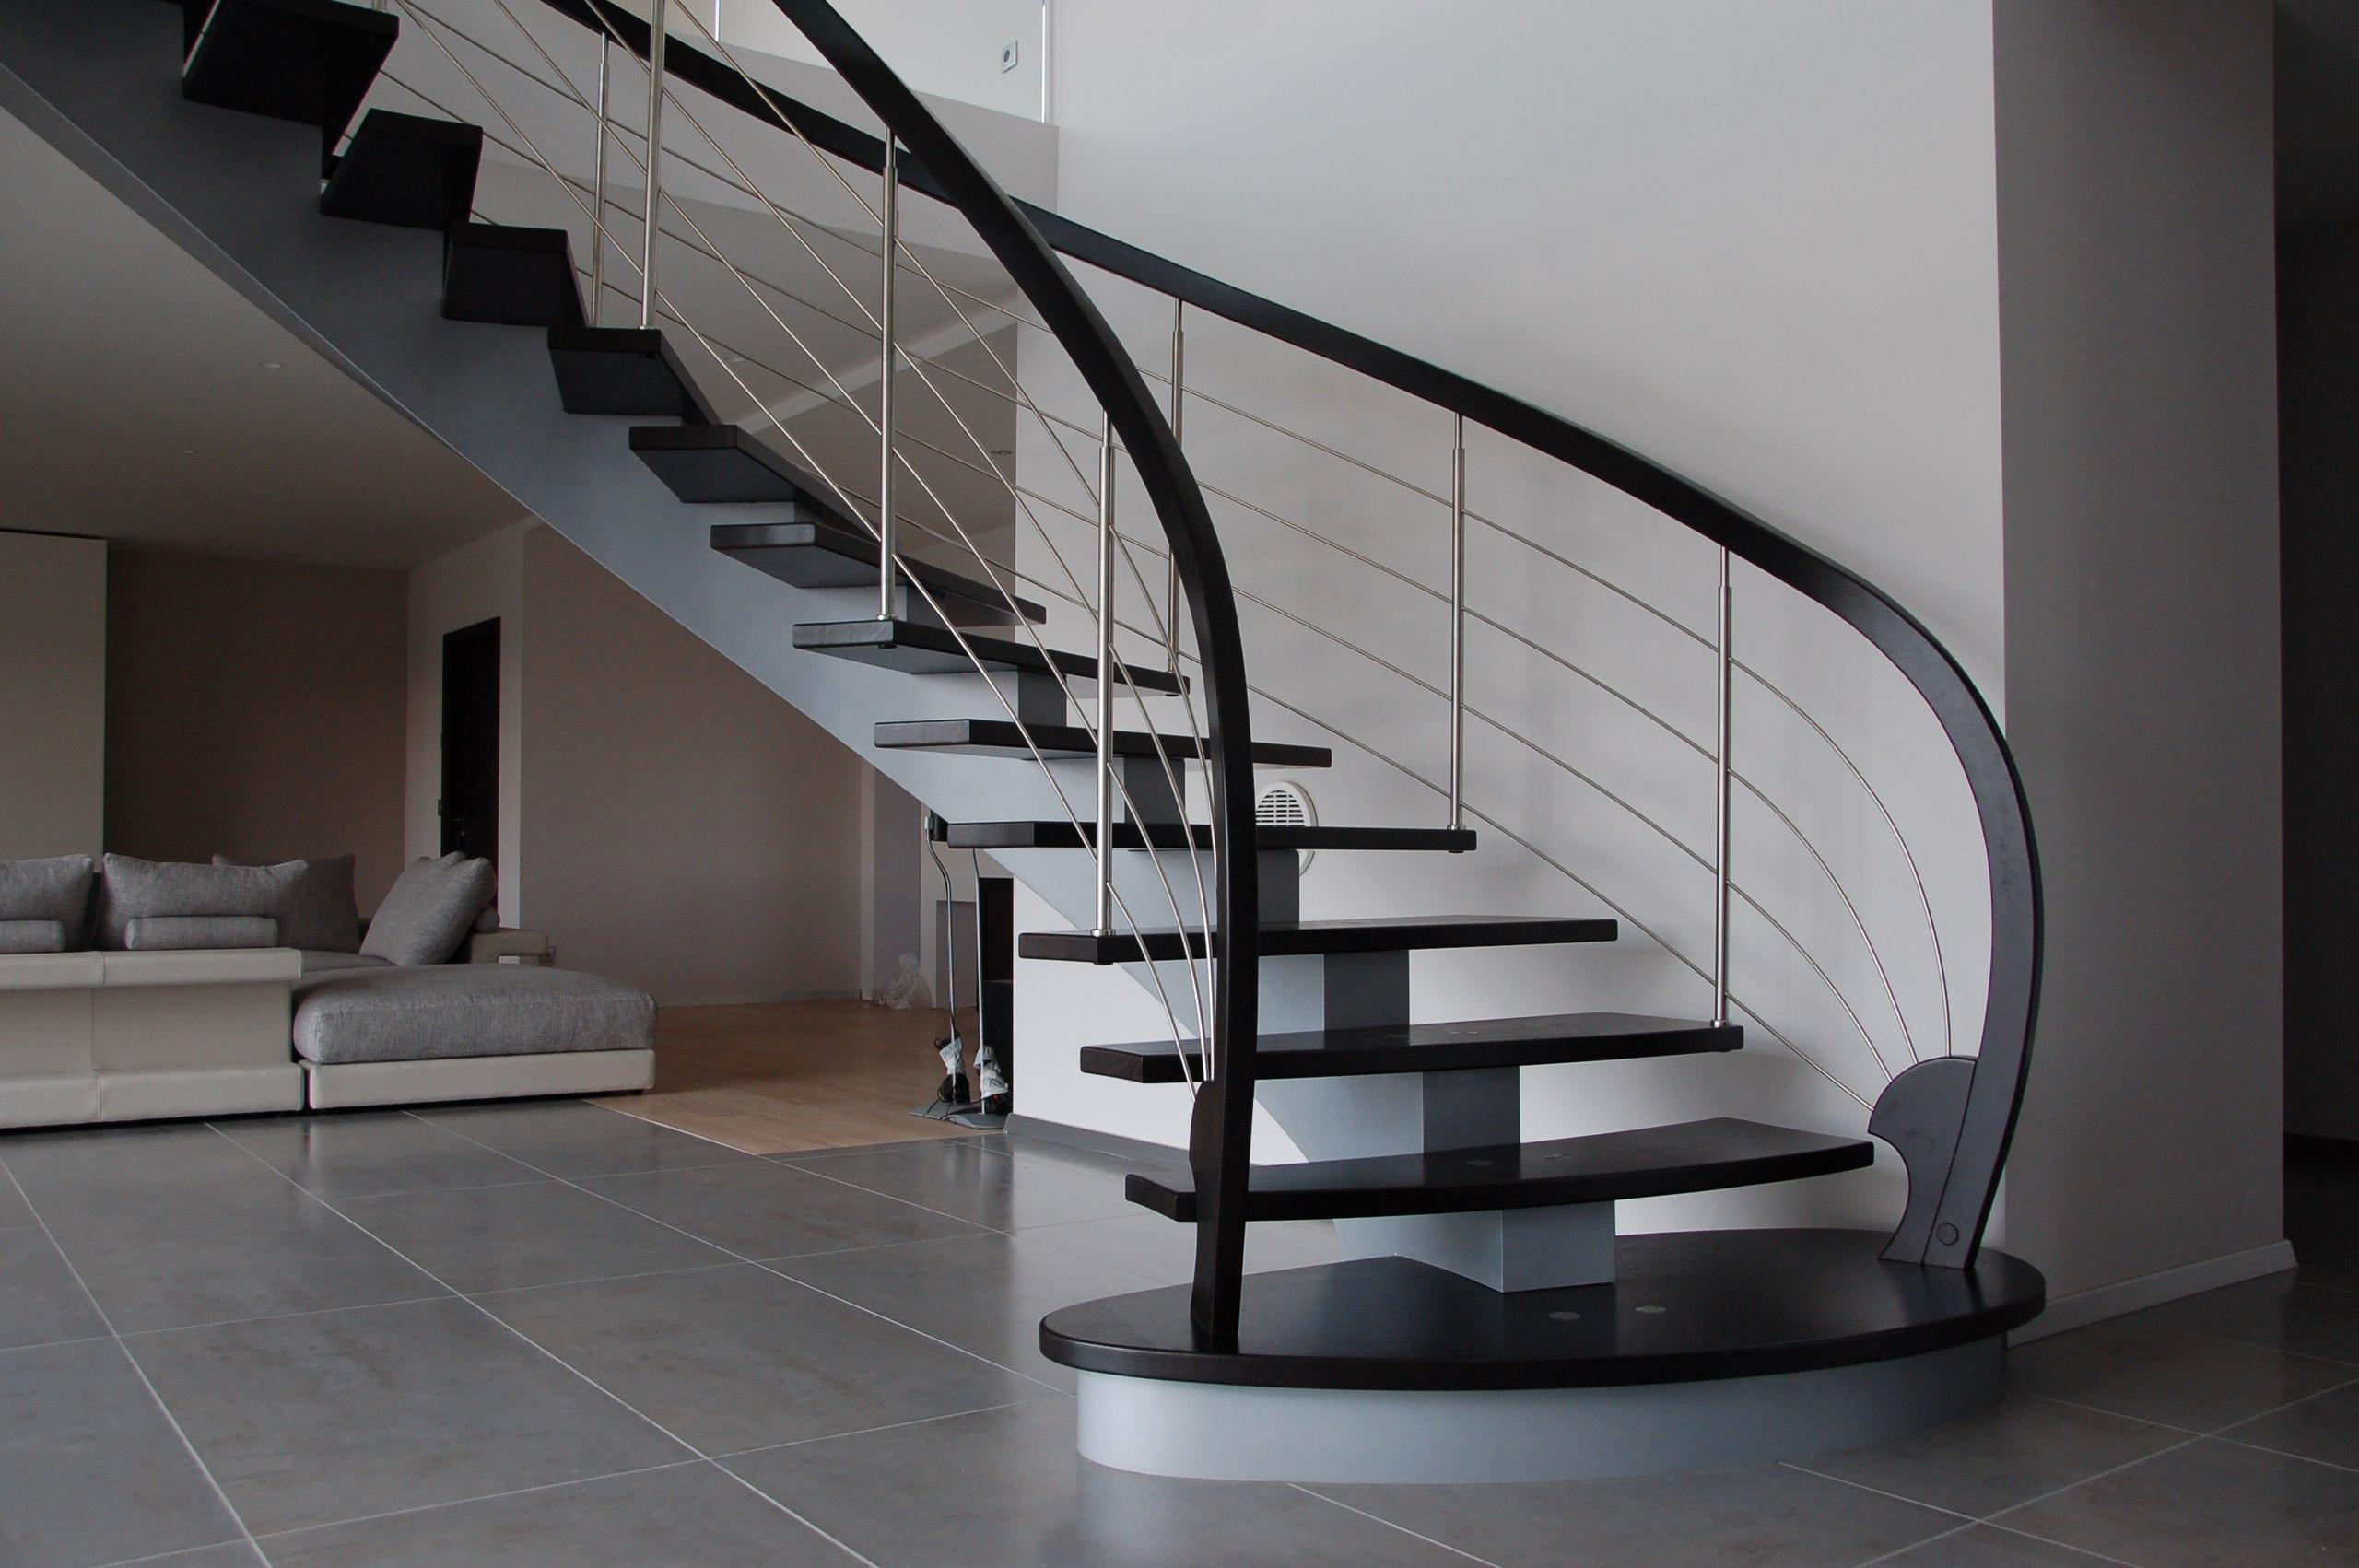 любят фотографироваться фото картинки входных бетонных лестниц это самая